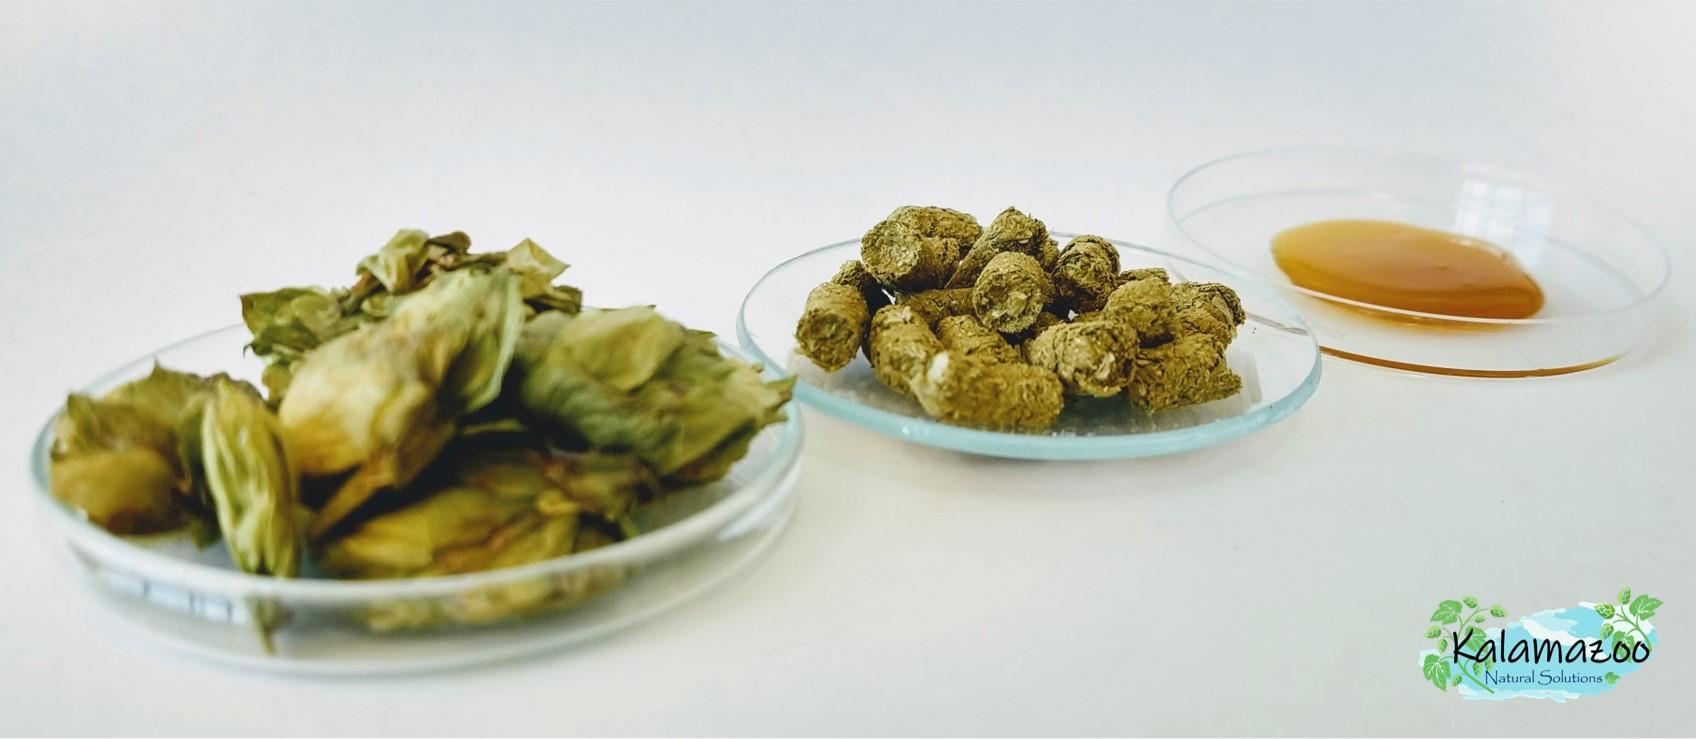 Da esquerda para a direita - lúpulo em flor, lúpulo em pellets e extrato de lúpulo em desenvolvimento pela Kalamazoo.